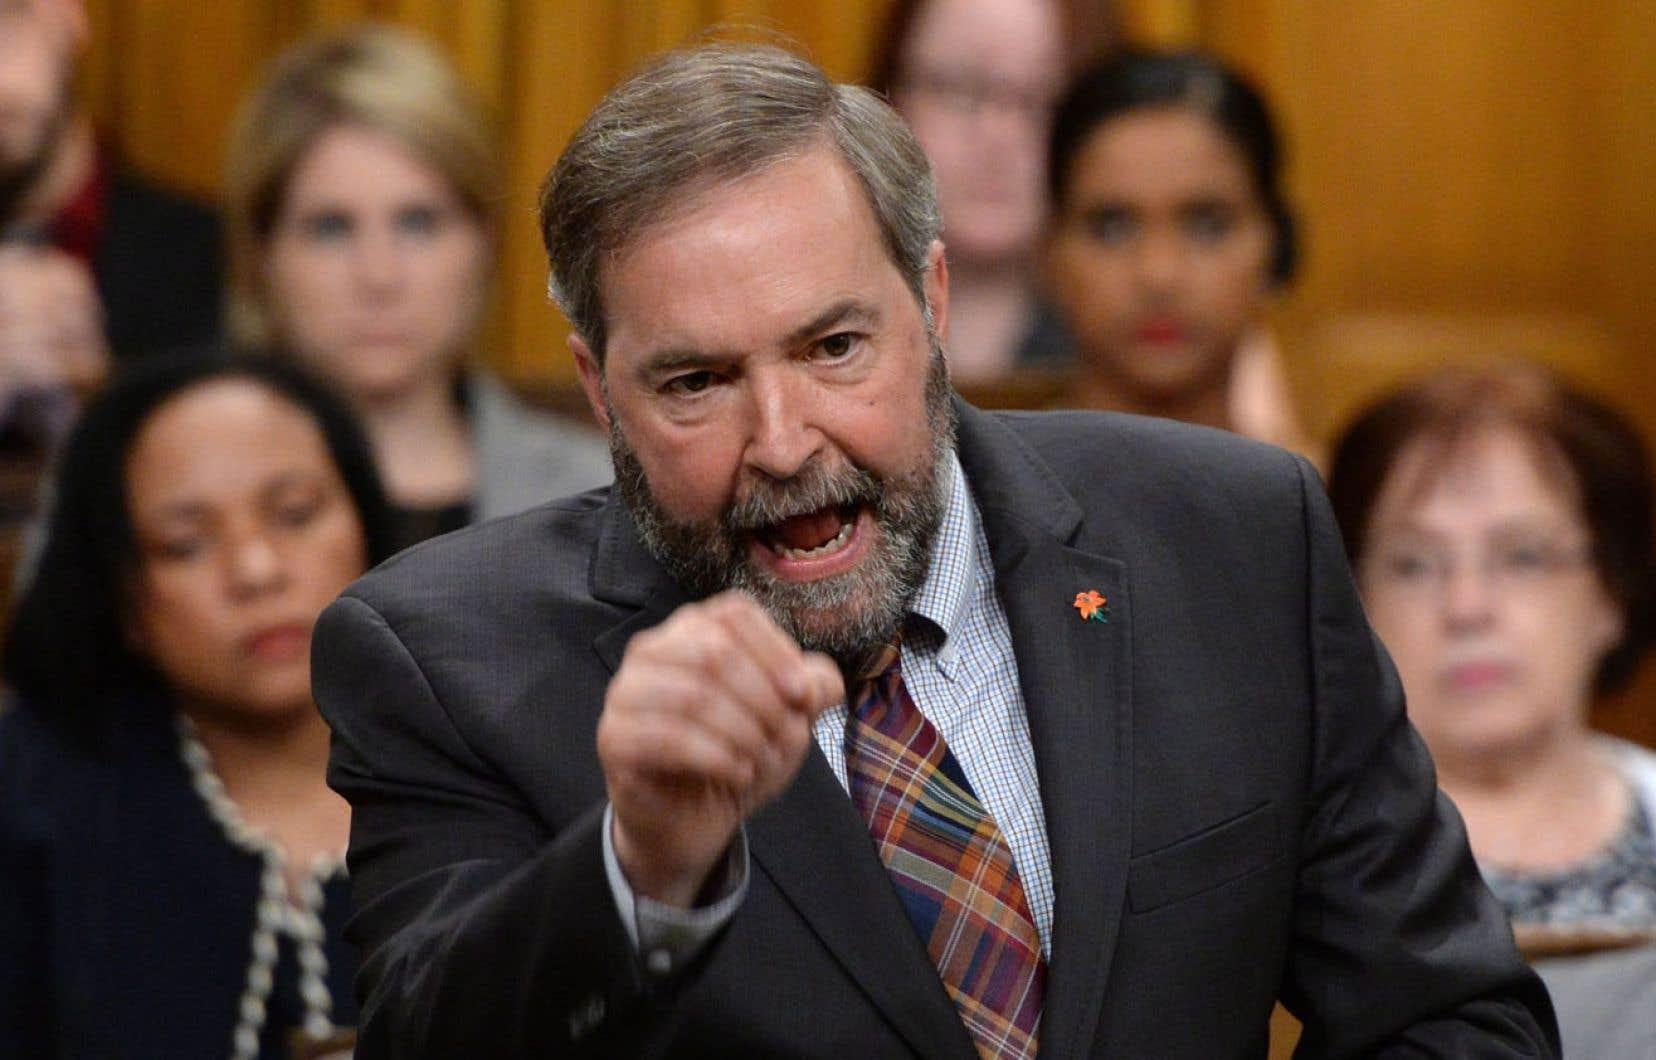 Le chef néodémocrate, Thomas Mulcair, s'inquiète de l'impartialité du commissaire Daniel Therrien, car celui-ci a contribué à l'élaboration de certains projets de loi sensibles.